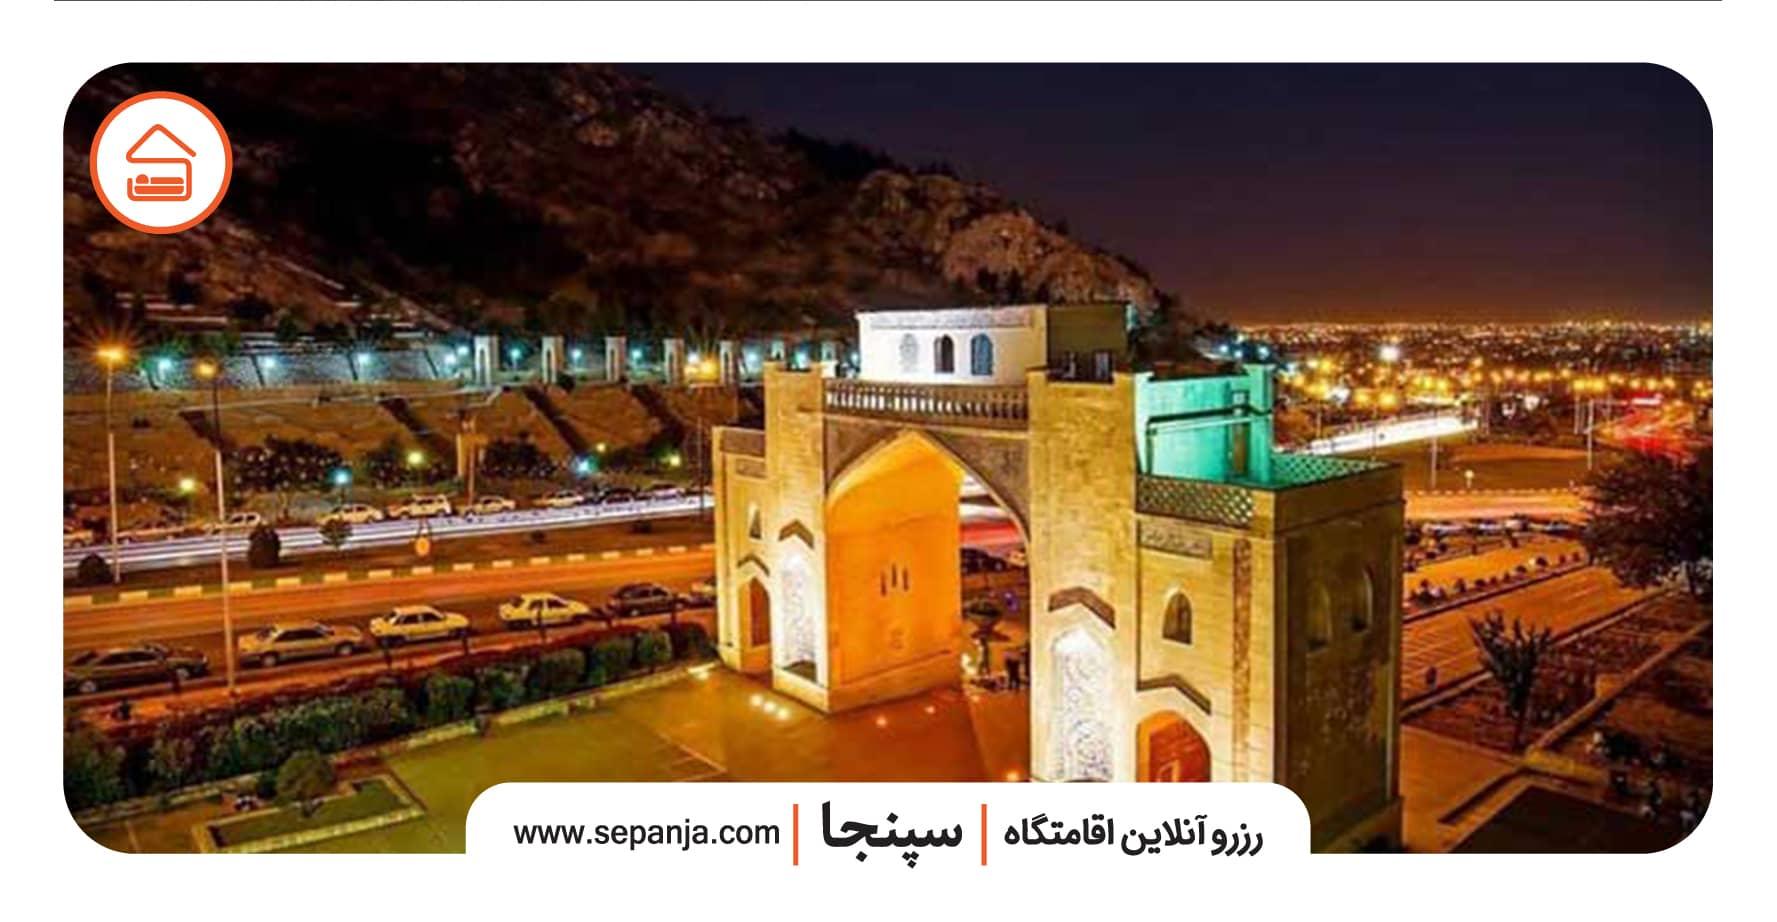 دروازه قرآن شیراز از بهترین جاهای دیدنی شیراز